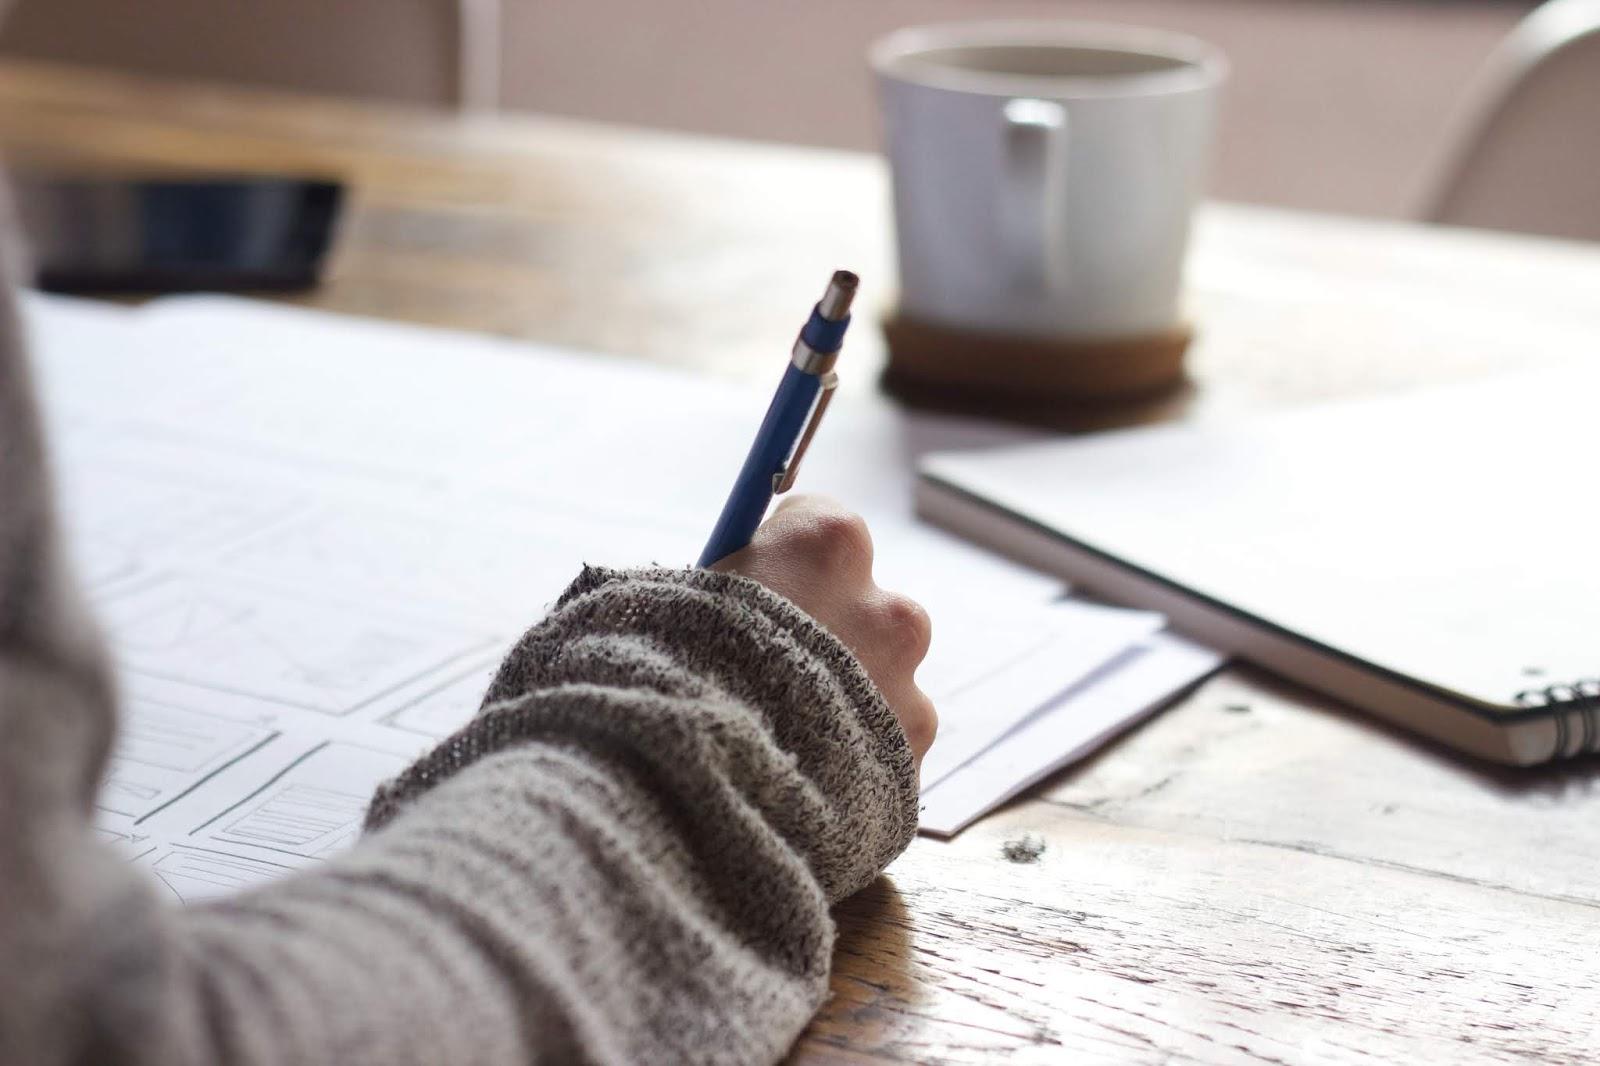 Aprenda a criar 10 hábitos simples que vão te levar ao sucesso na sua carreira profissional. Se torne uma empreendedora de muito sucesso começando agora, clique para saber mais!